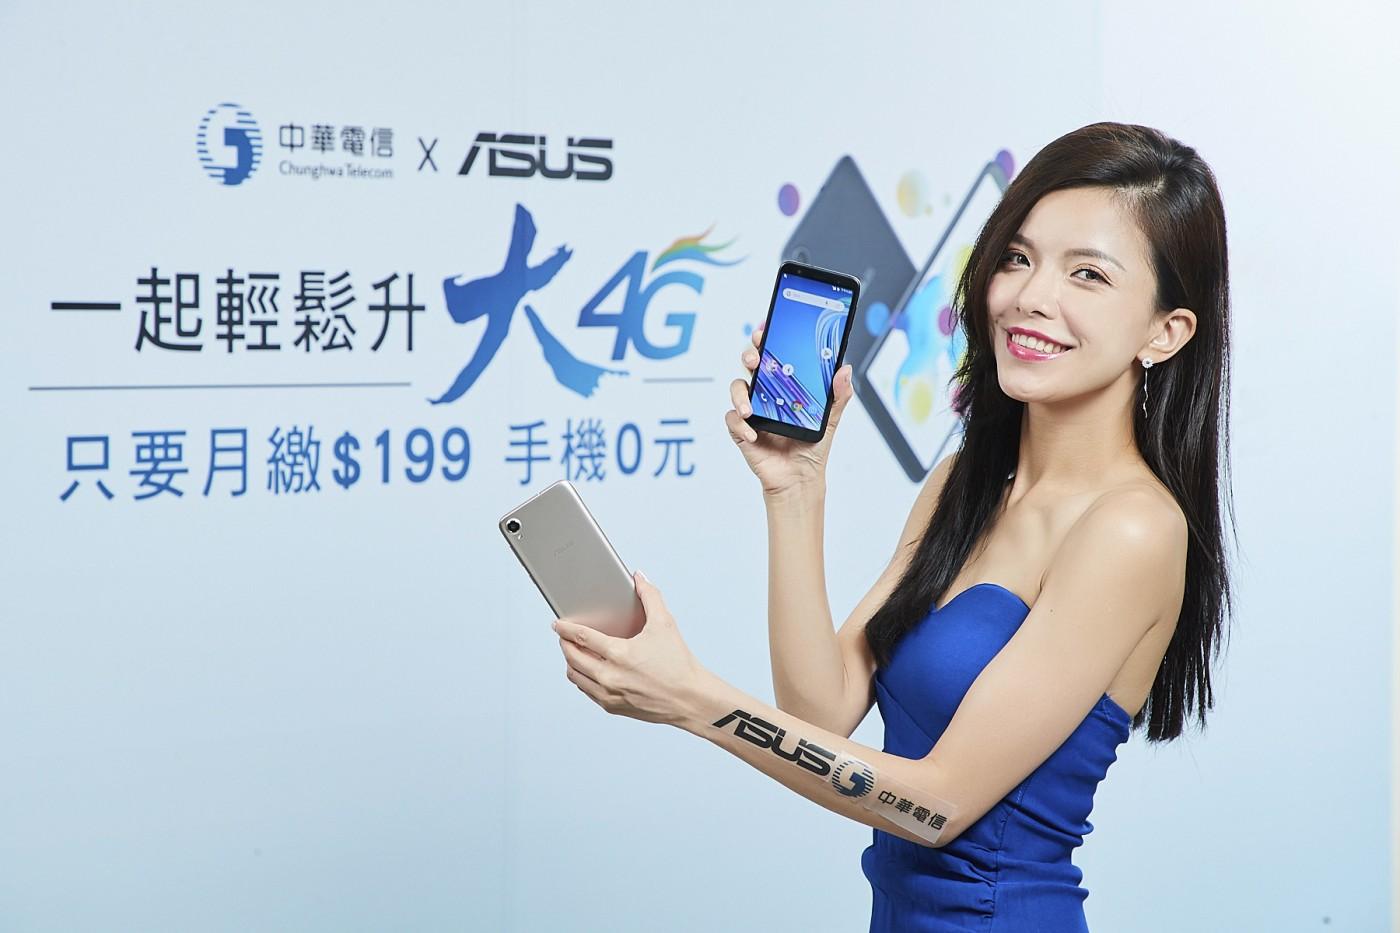 還有243萬筆3G門號今年底到期,看華碩如何跟中華電合作衝用戶升級